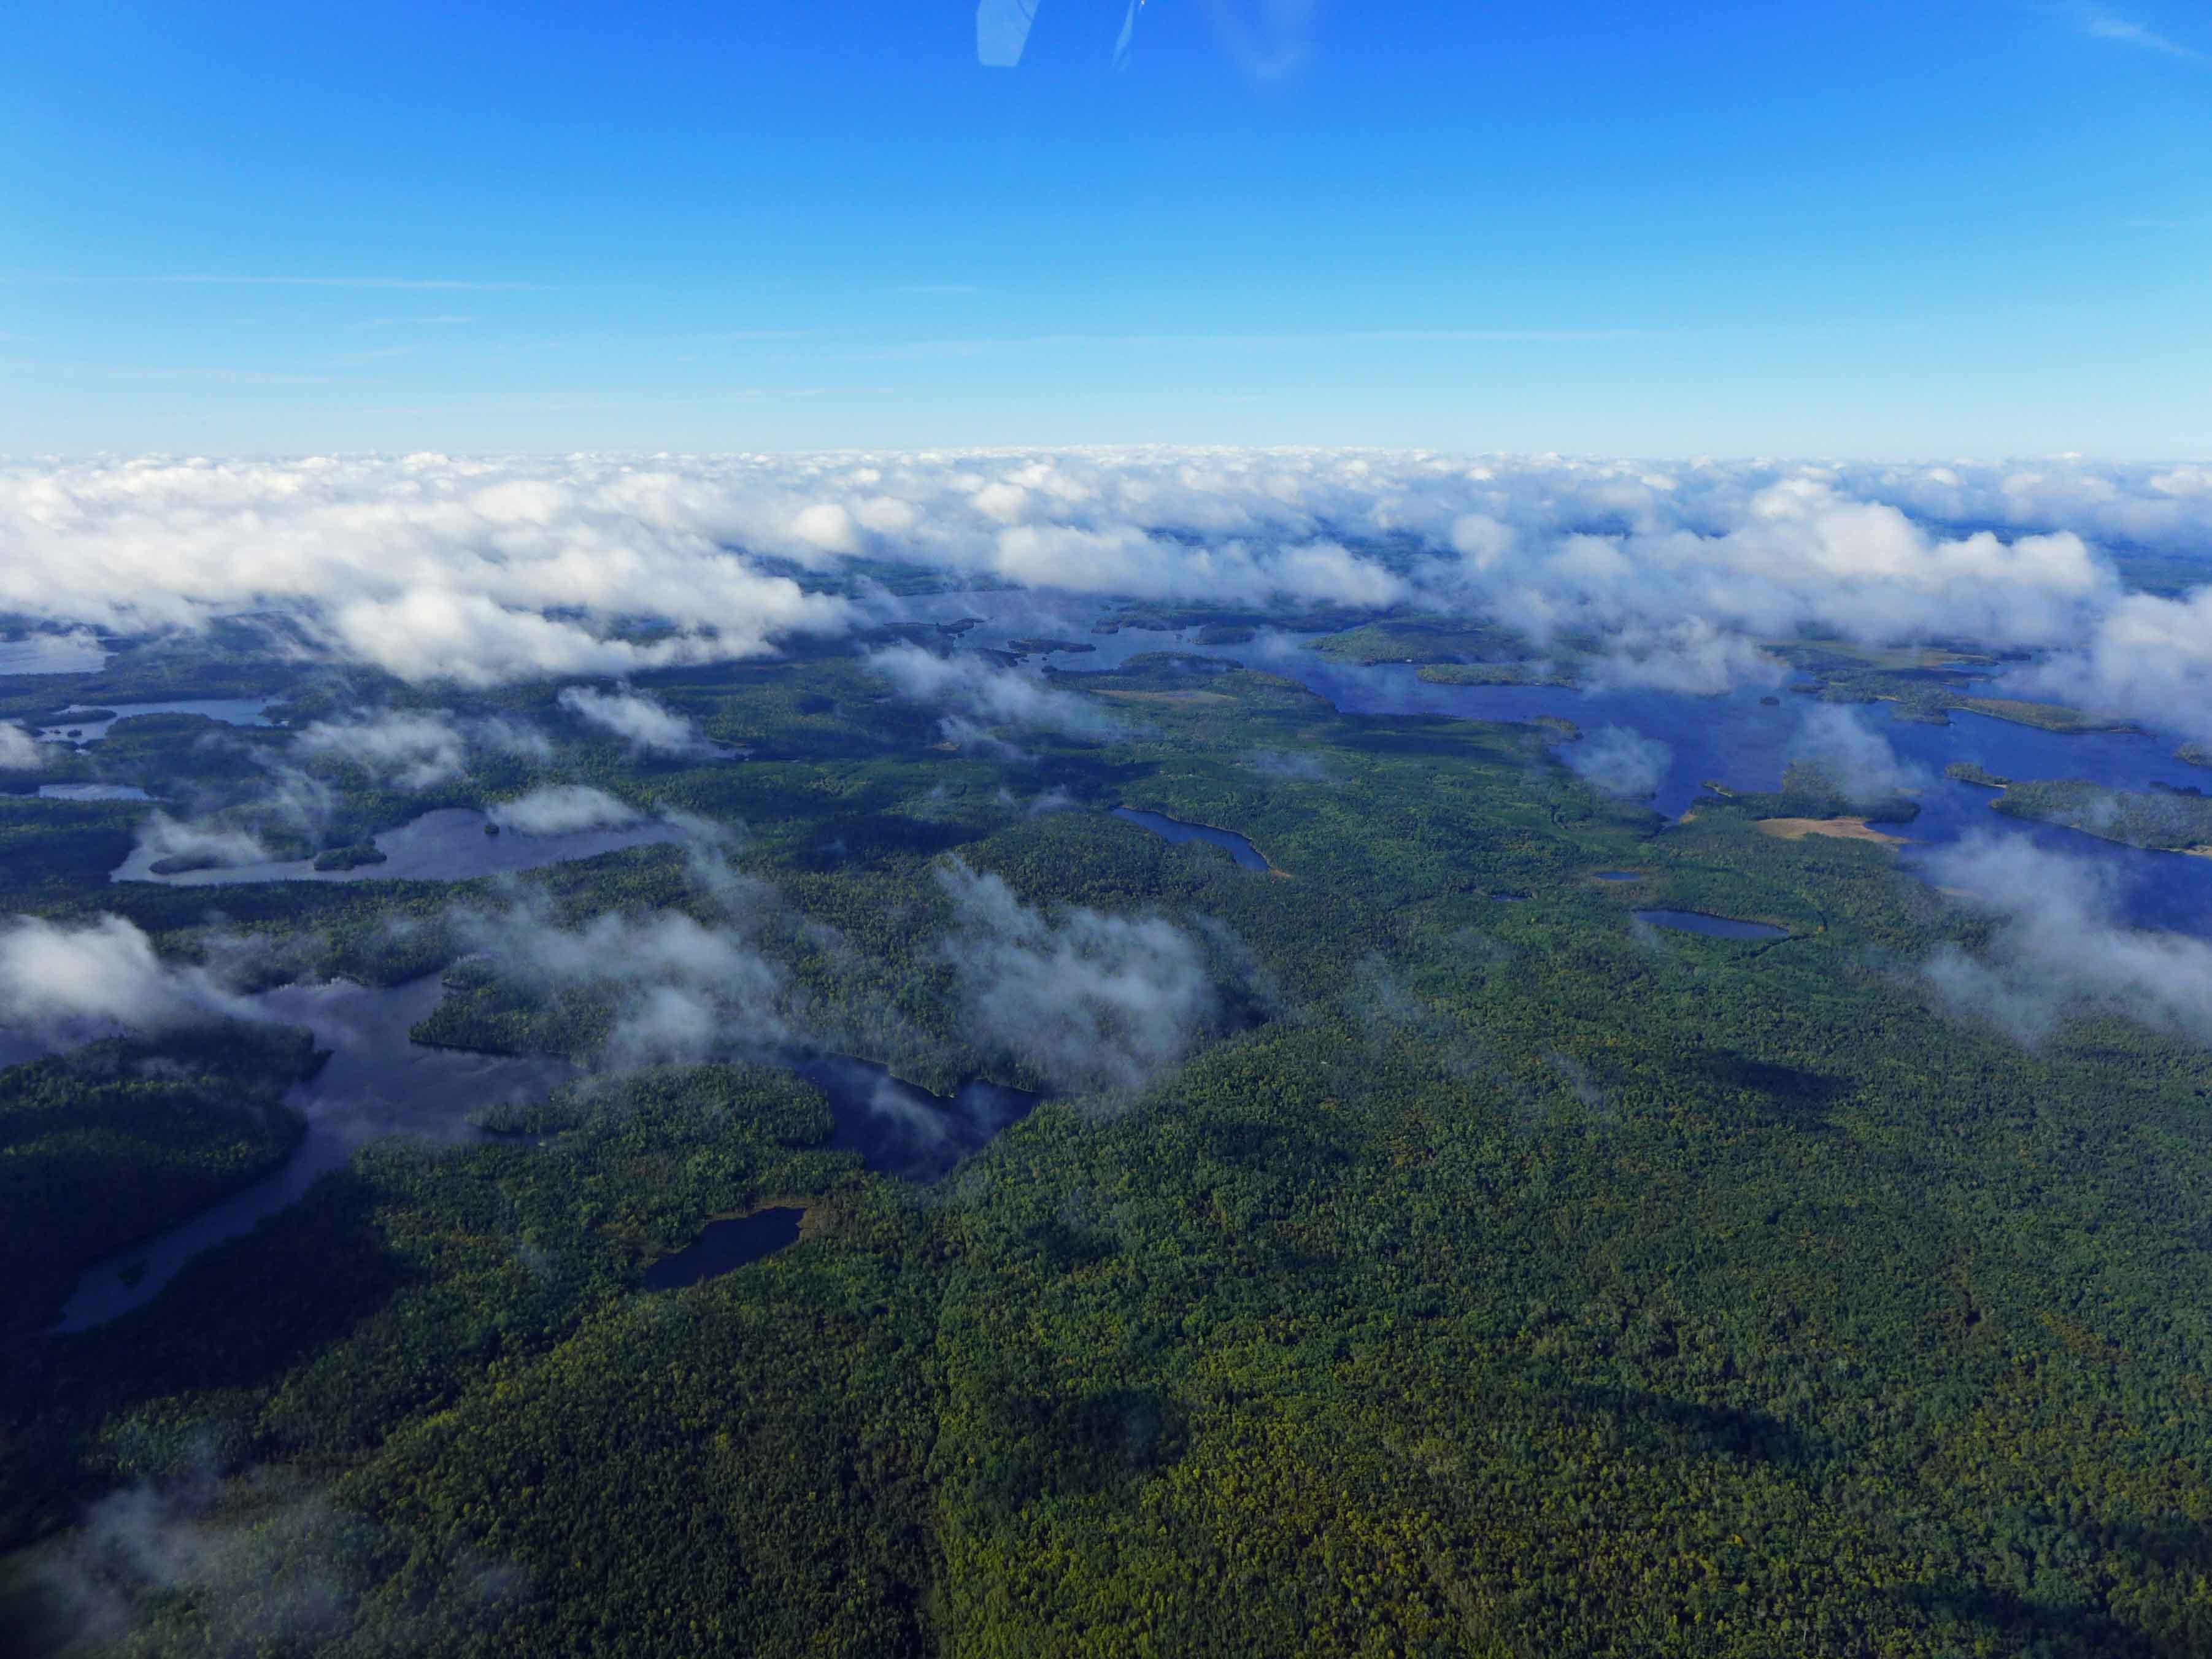 Ontario von oben: Wald, Wasser und Wolken.